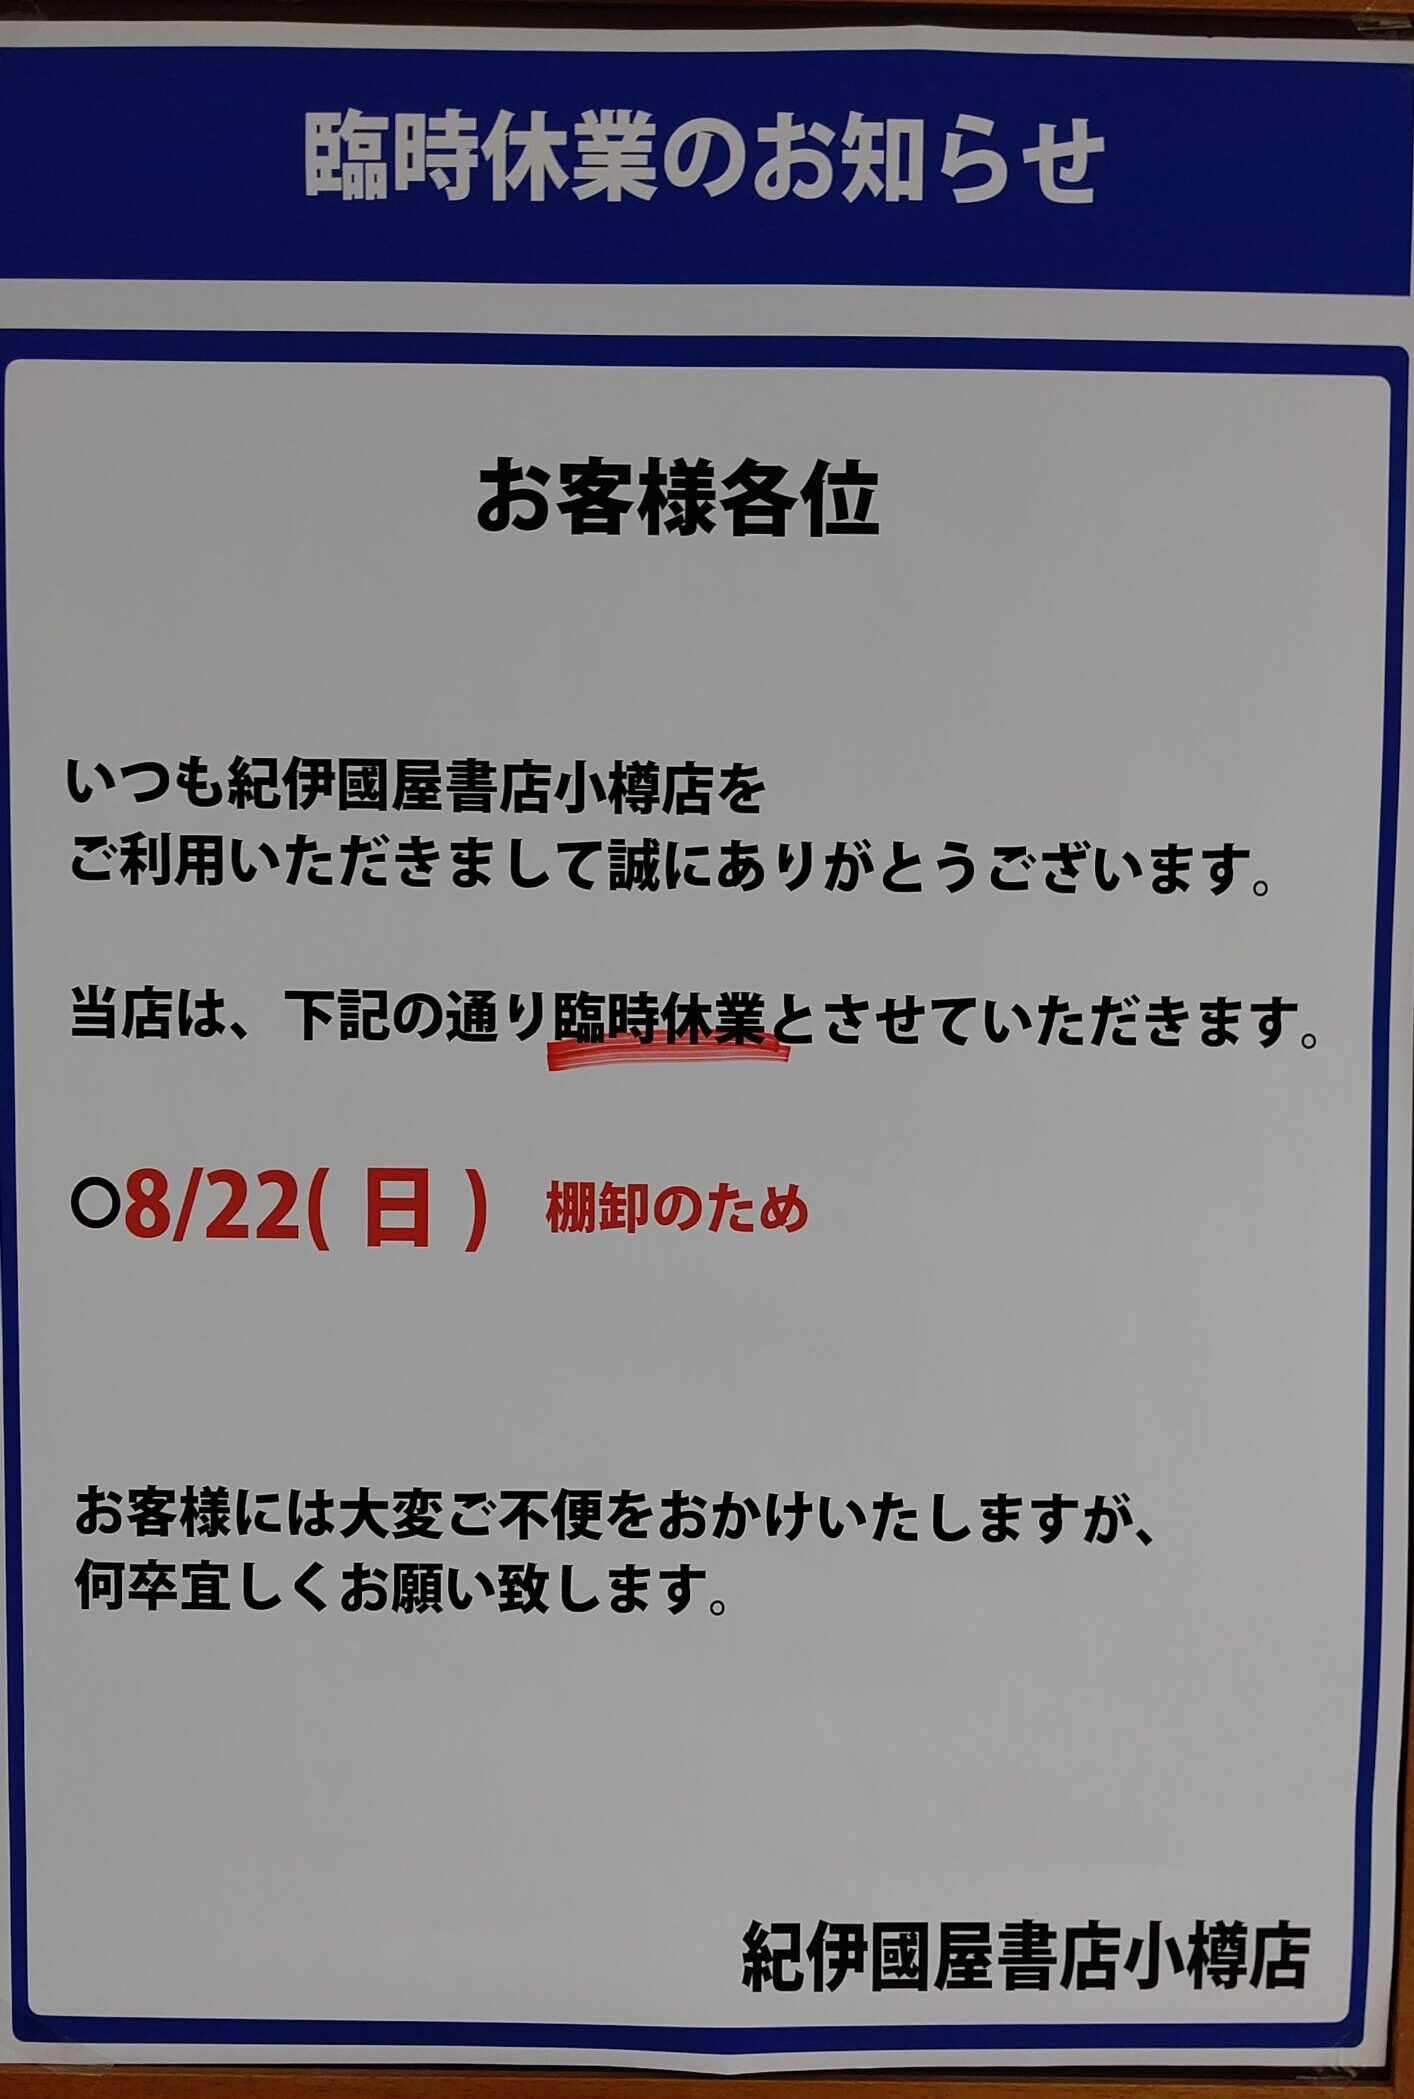 紀伊國屋書店:8月22日(日)臨時休業のお知らせ